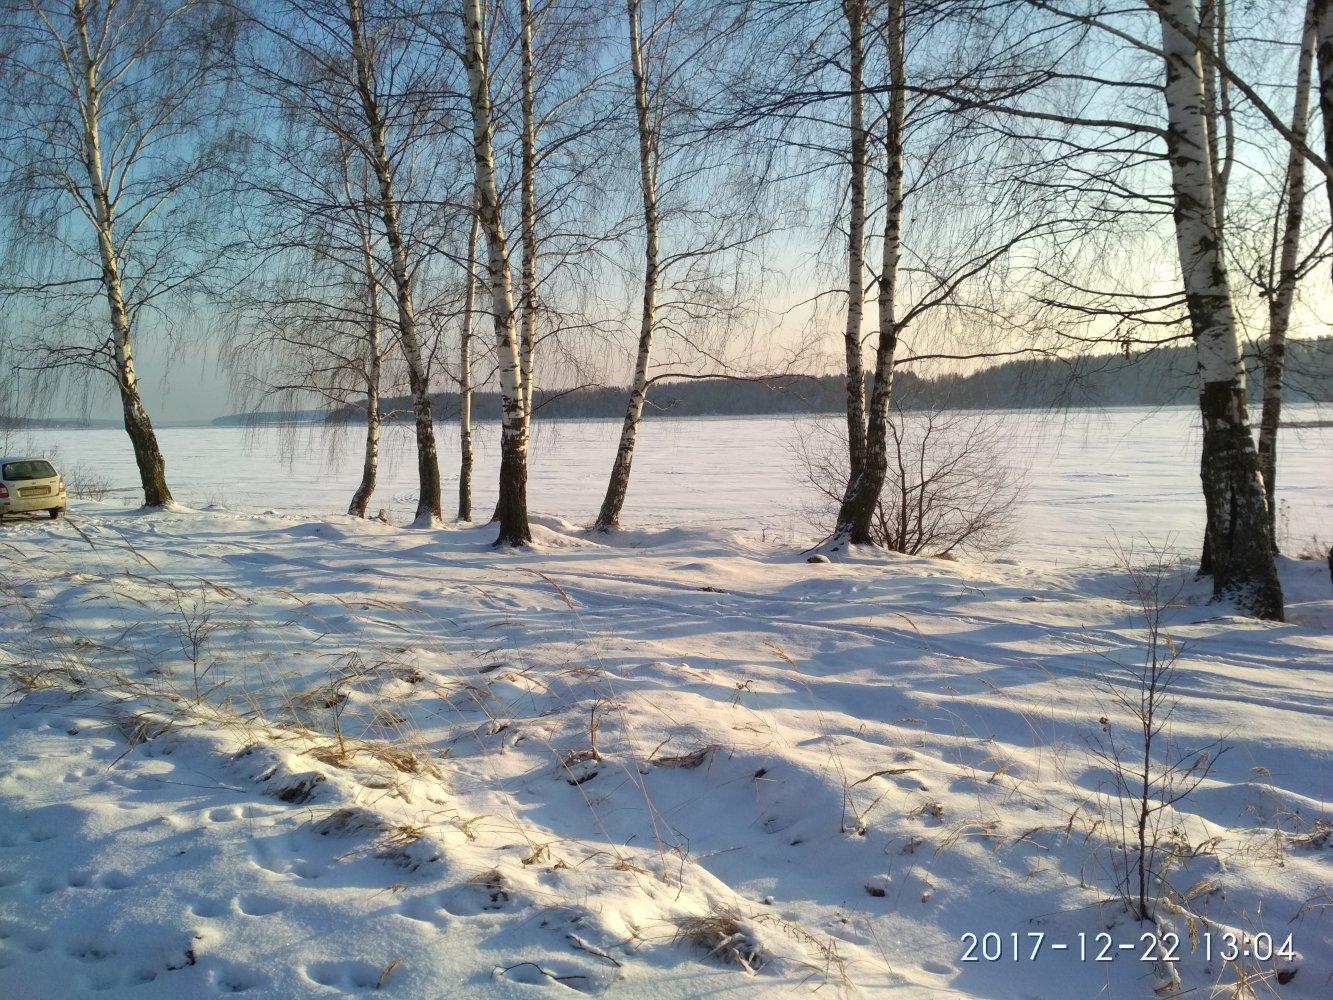 Фото IMG_20171222_130414.jpg. Россия, Ивановская область, Заречный, улица Фабричная